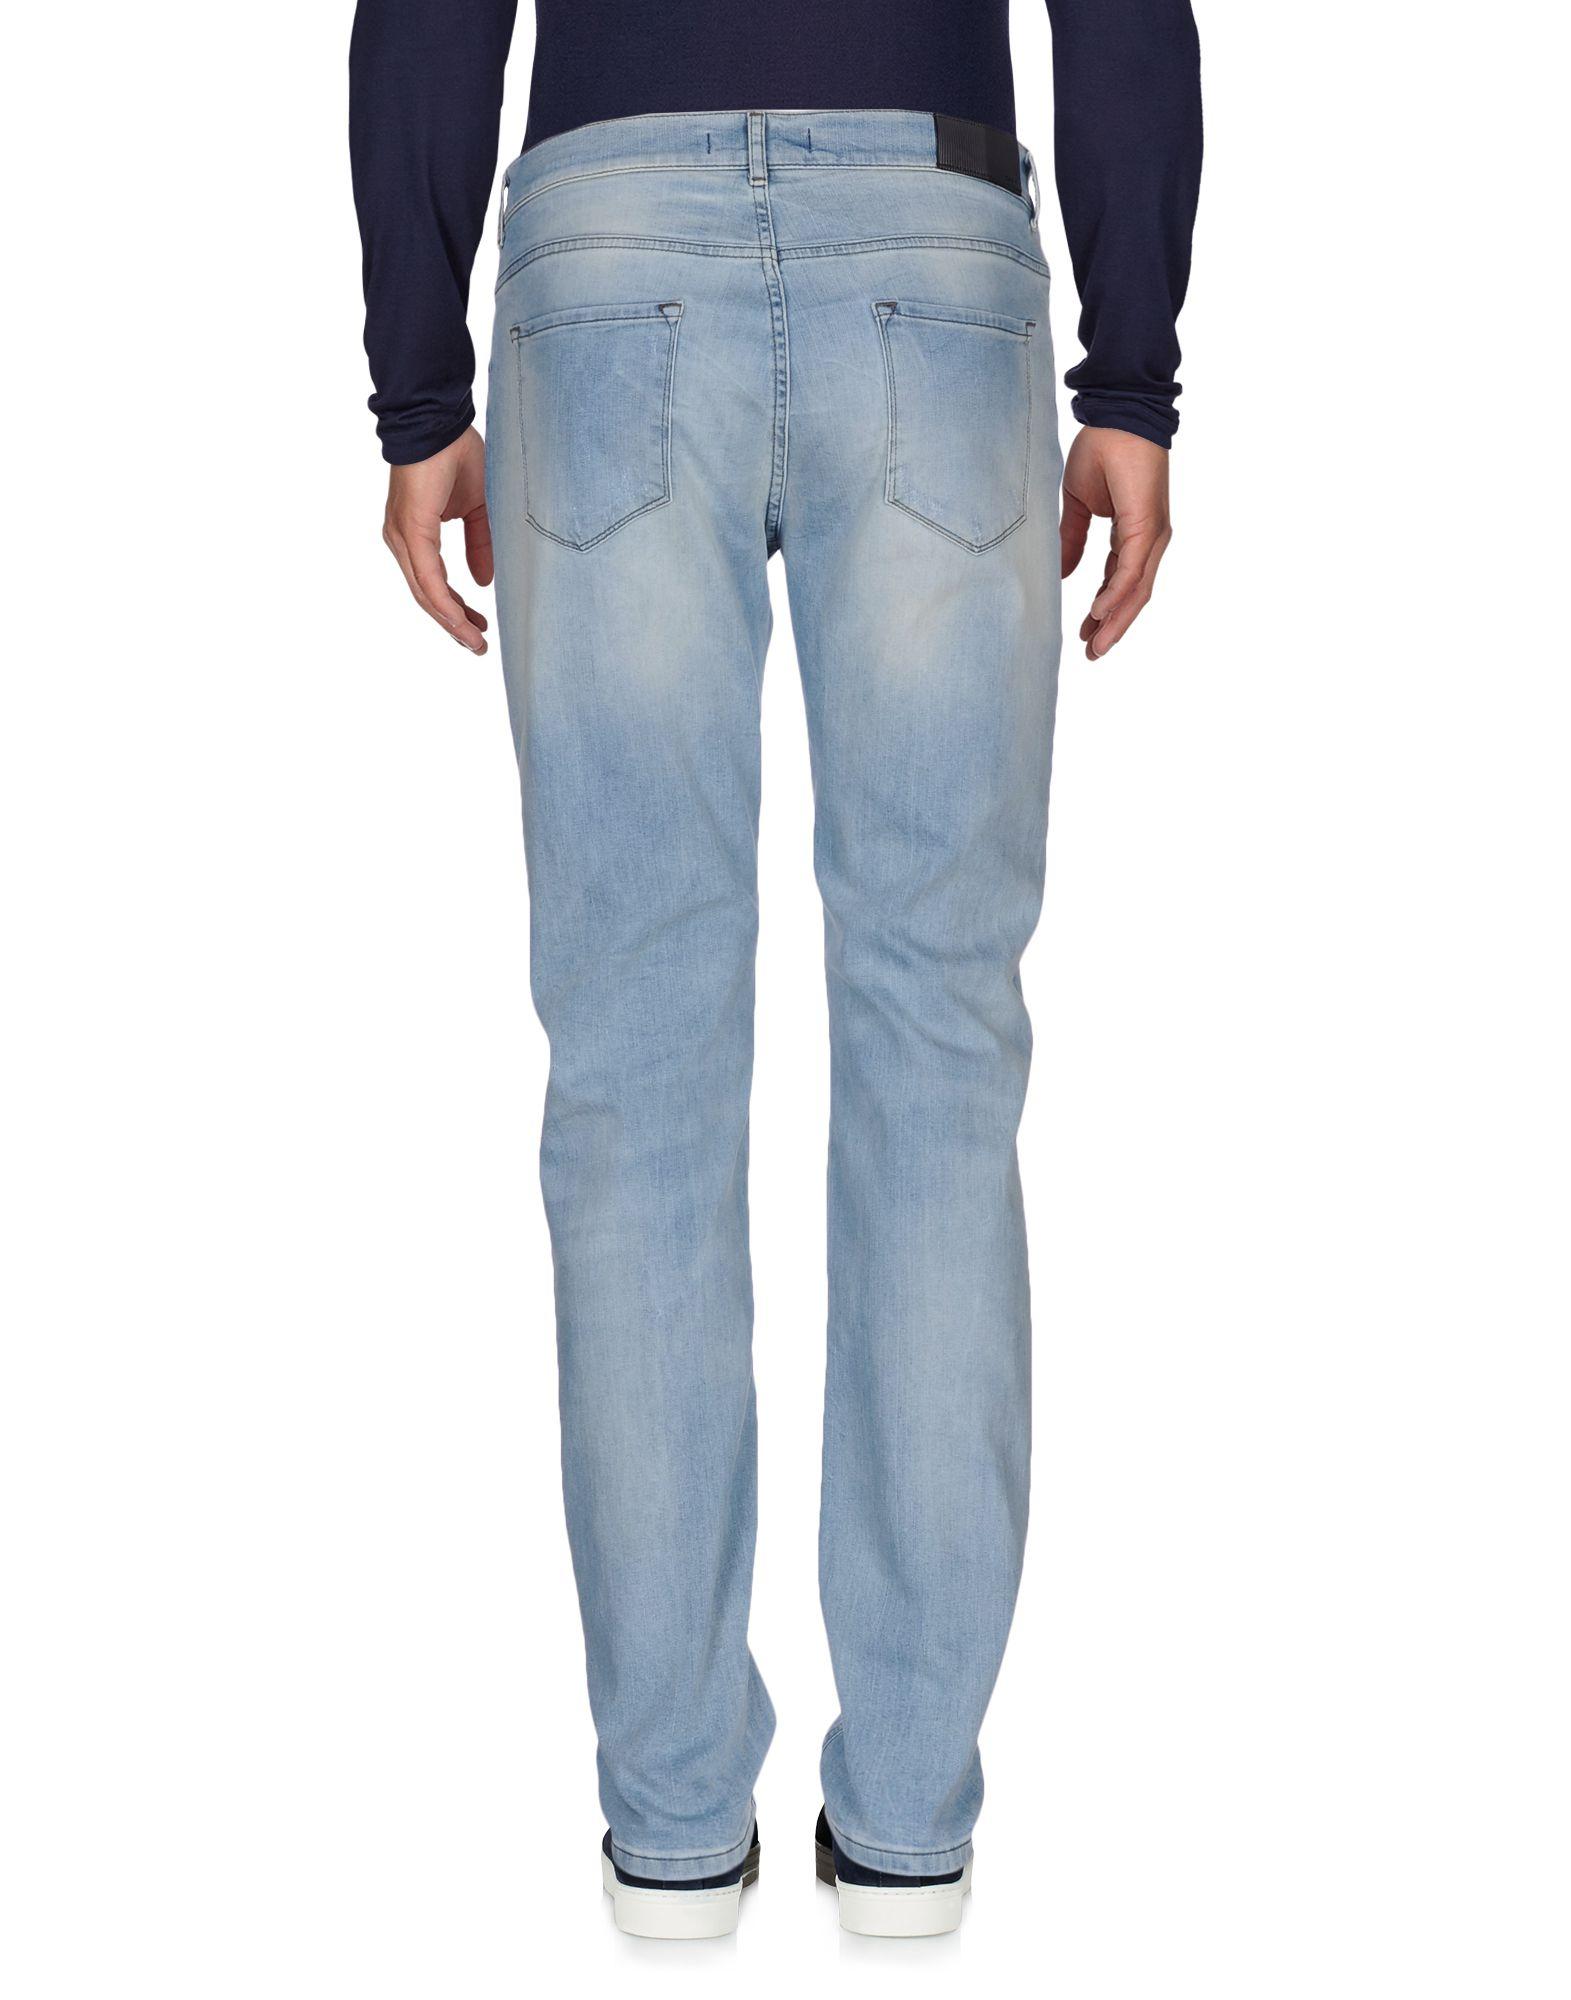 Pantaloni Pantaloni Pantaloni Jeans Daniele Alessandrini Uomo - 42515175HR c938a6